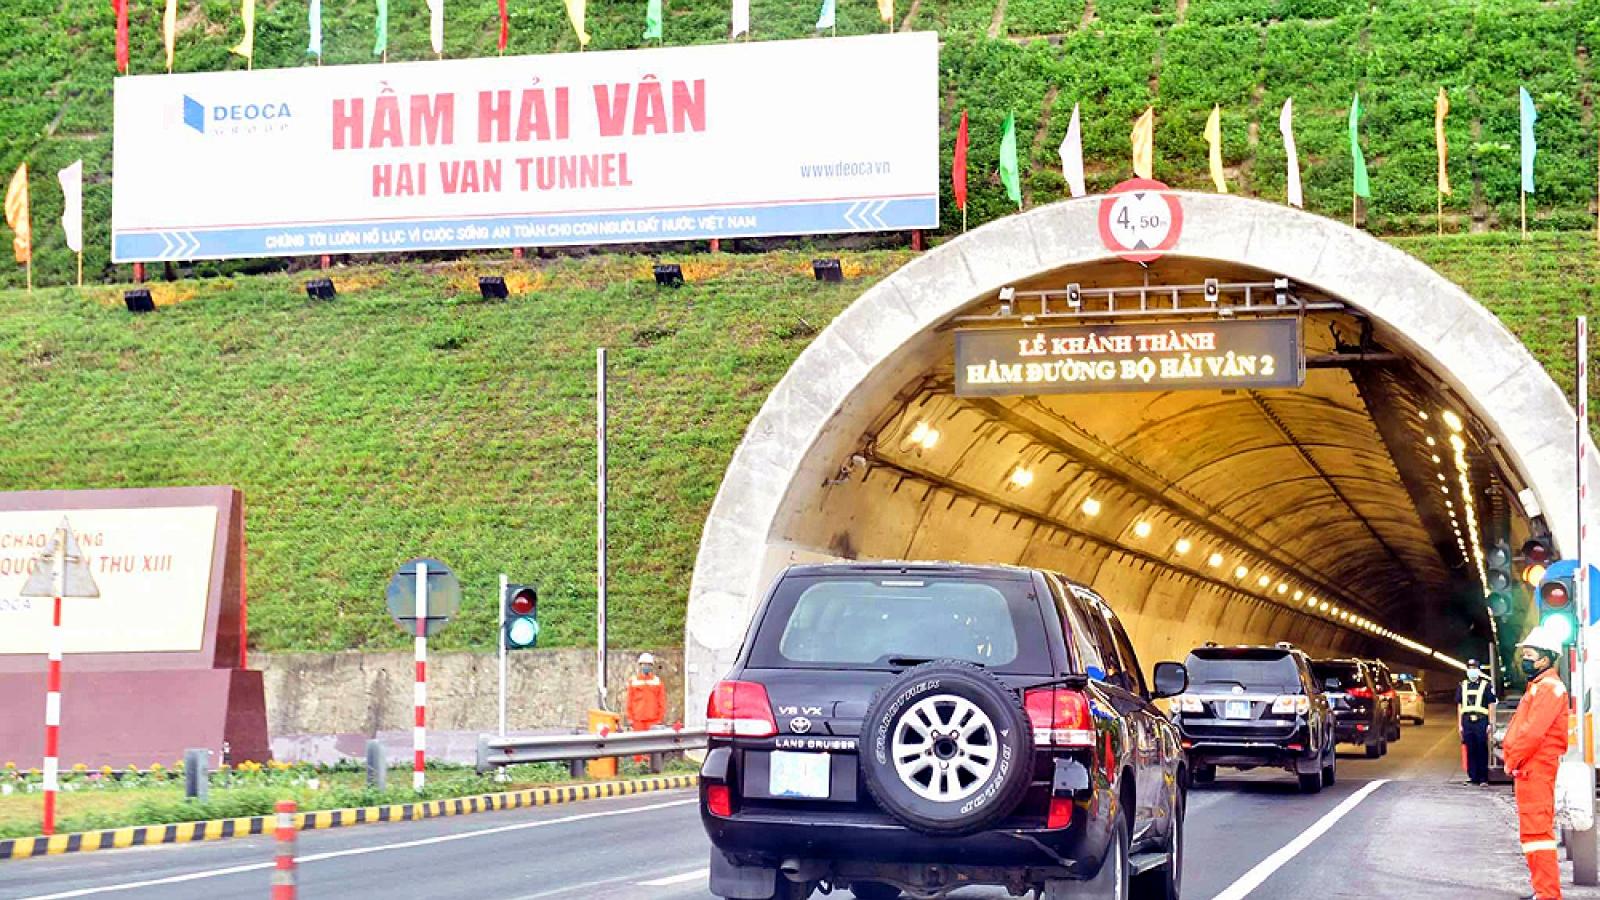 Lý do hầm Hải Vân 2 vừa khánh thành lại sắp phải đóng cửa?